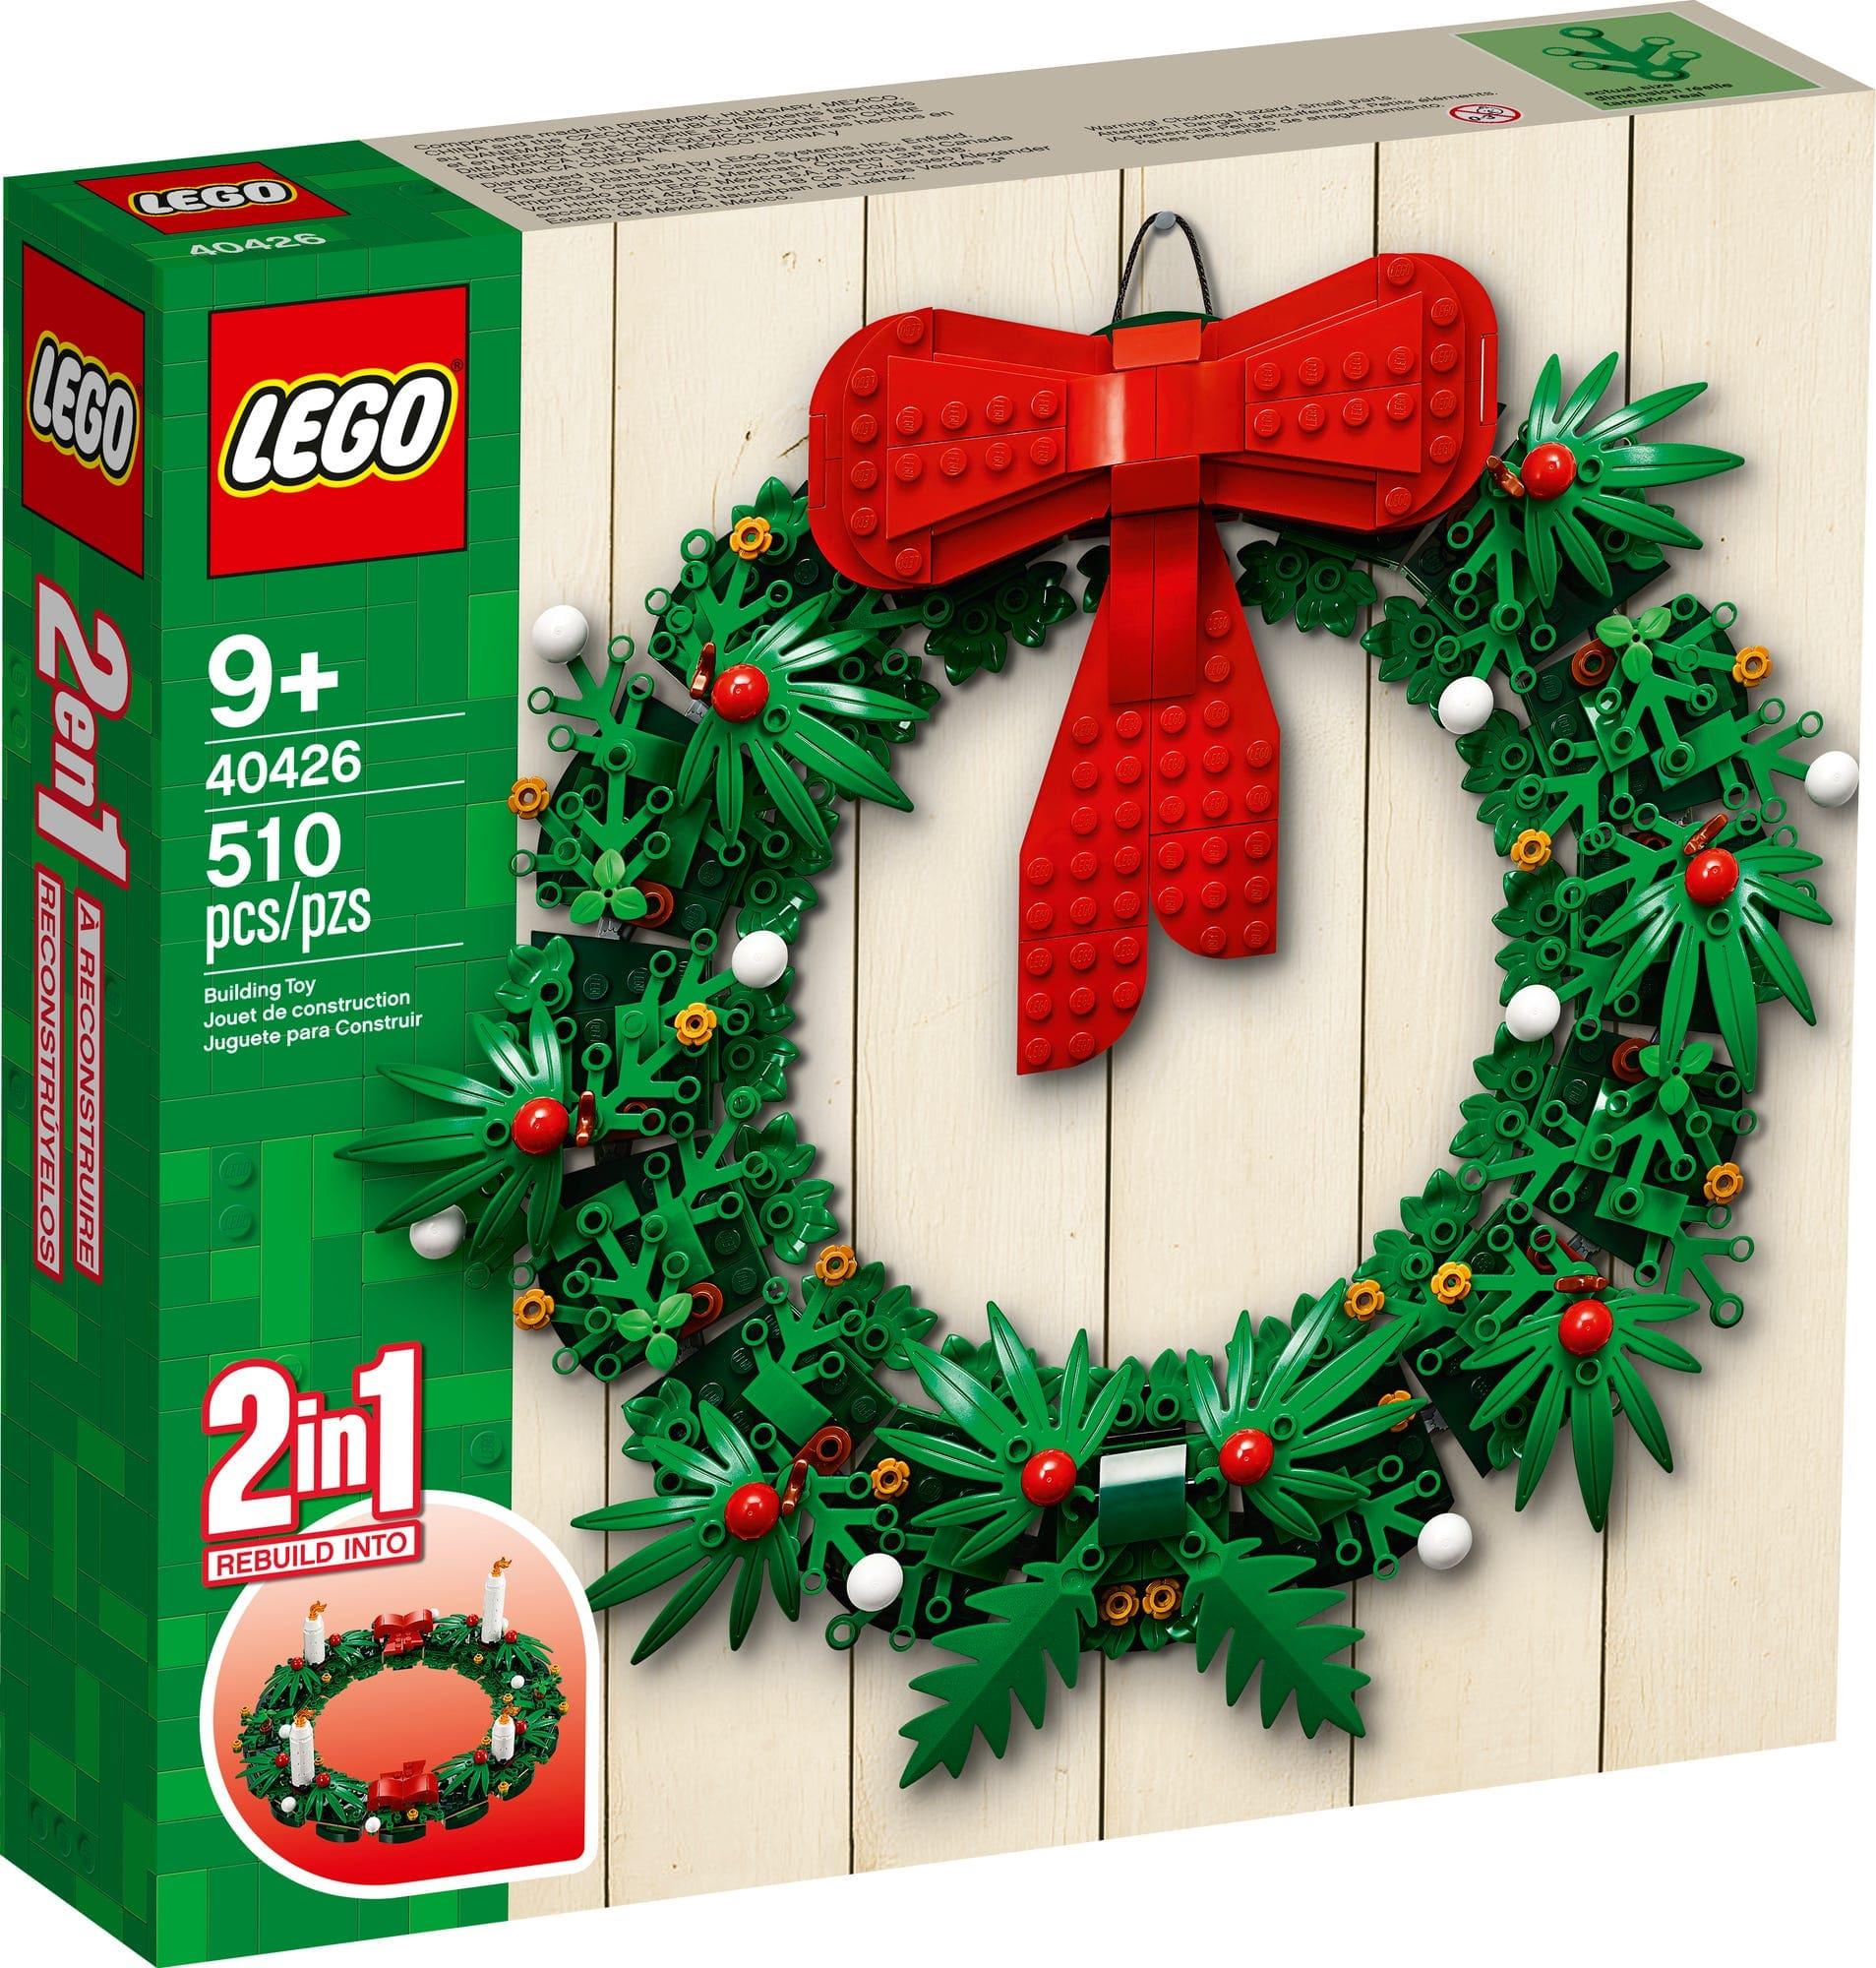 LEGO 40426 Adventskranz (1)